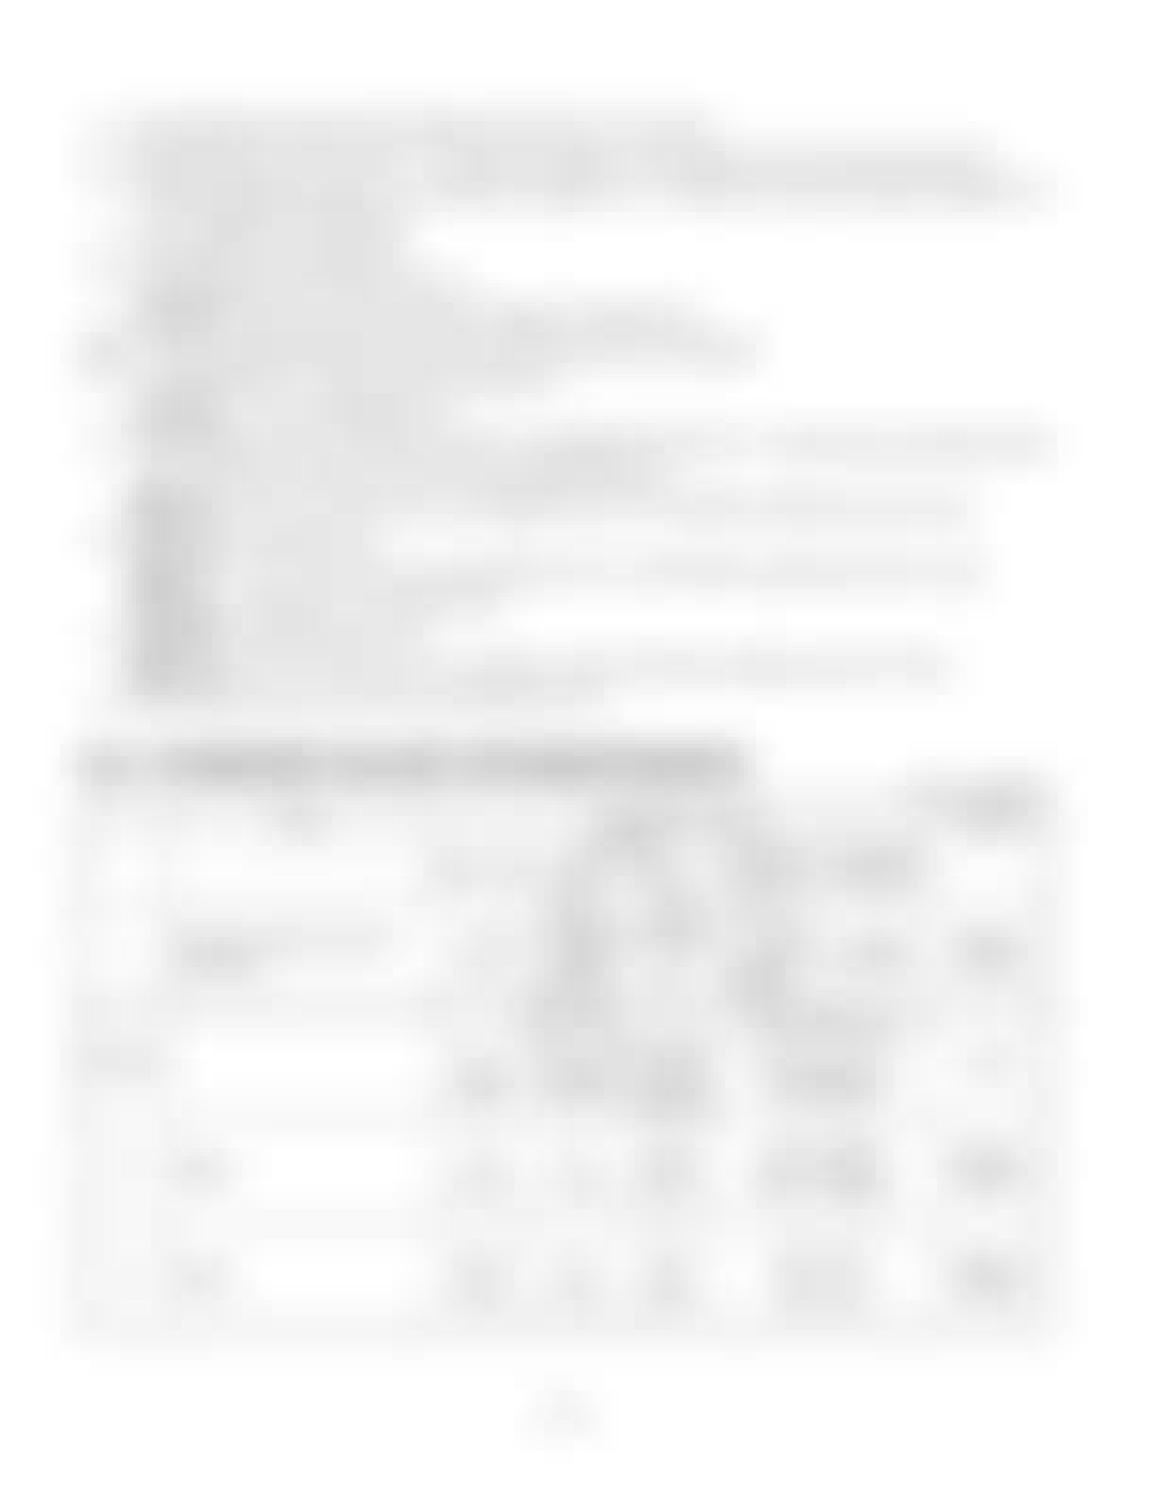 Hitachi LX110-7 LX130-7 LX160-7 LX190-7 LX230-7 Wheel Loader Workshop Manual - PDF DOWNLOAD page 272